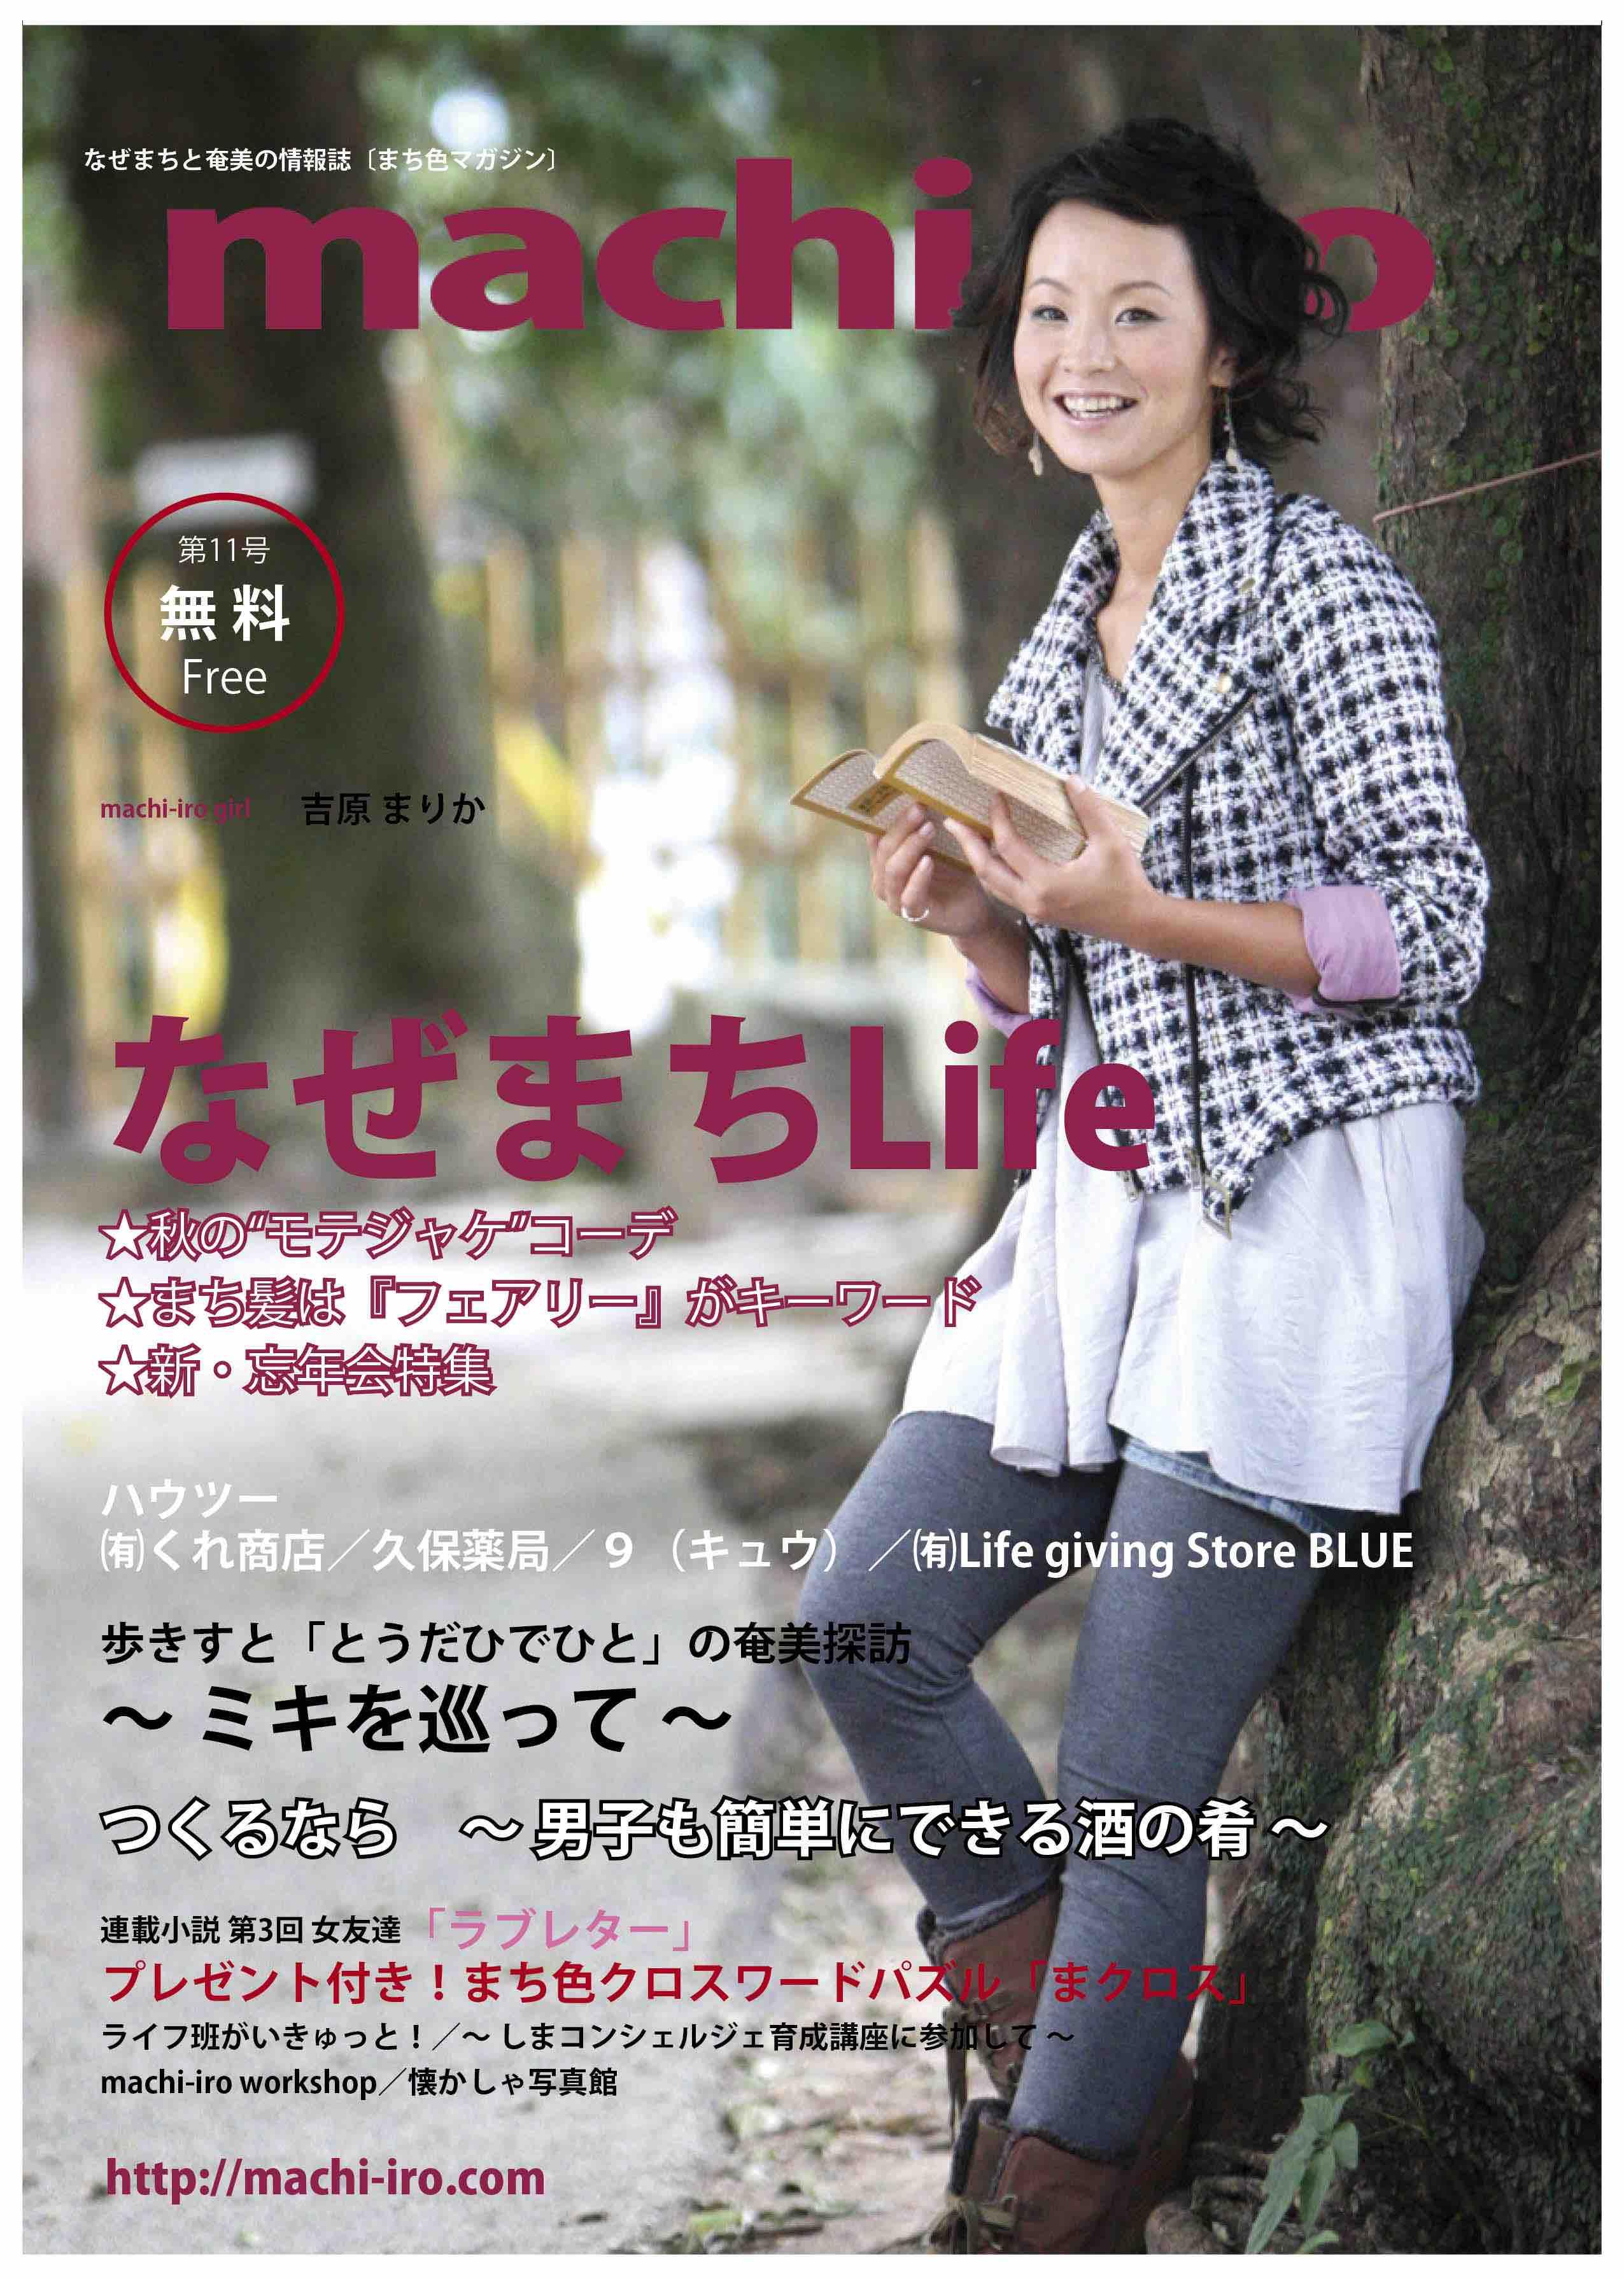 machi-iro magazine #11